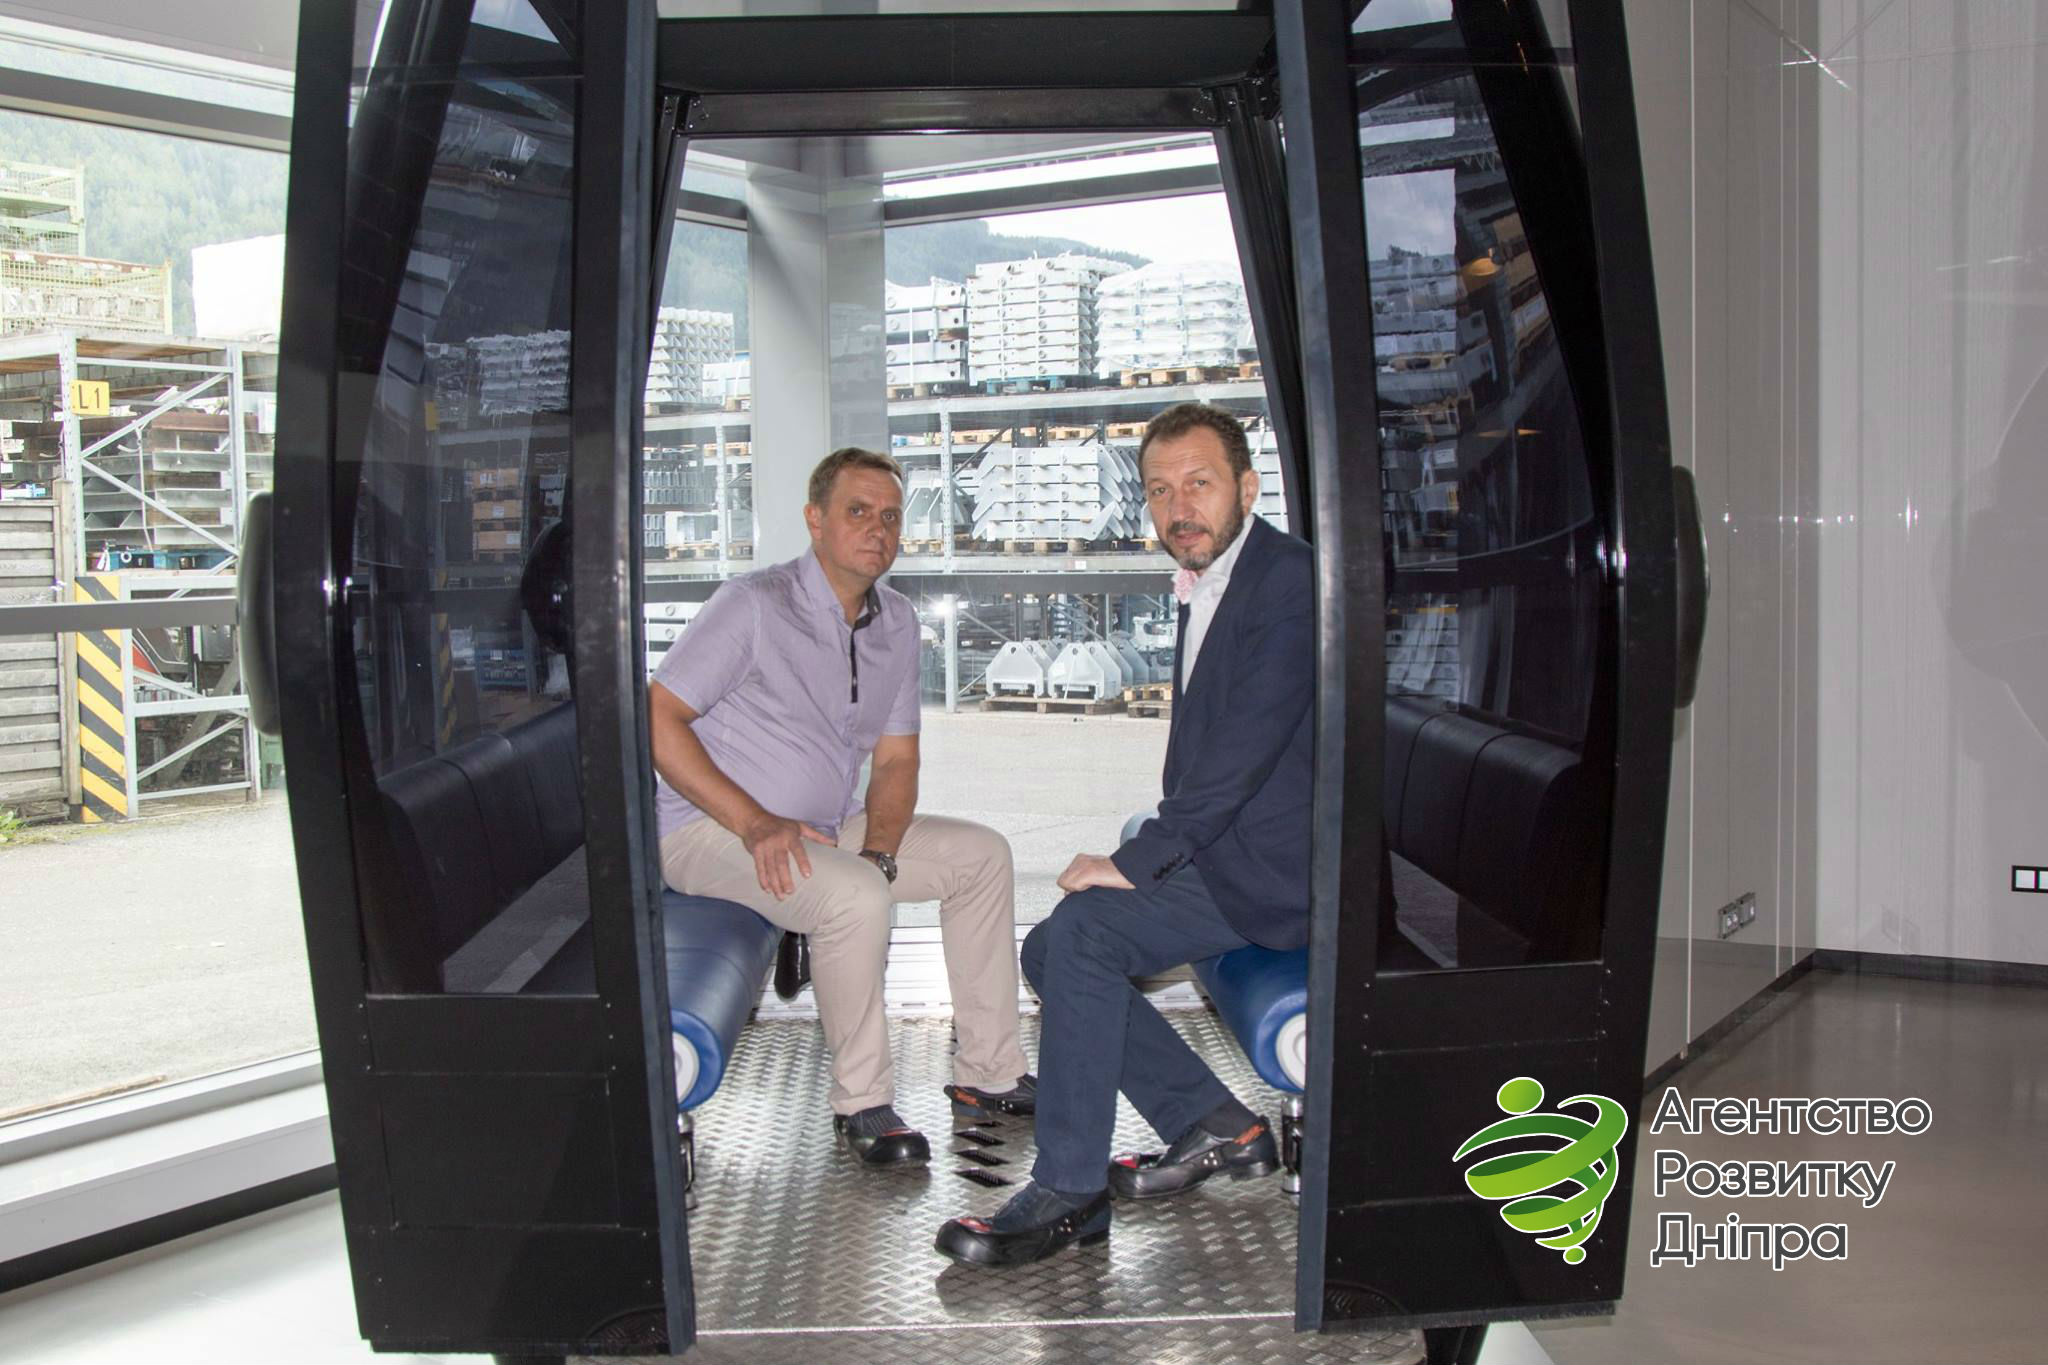 «Агентство розвитку Дніпра» разом з європейськими партнерами готують прорив у запровадженні в м. Дніпро нового виду транспорту